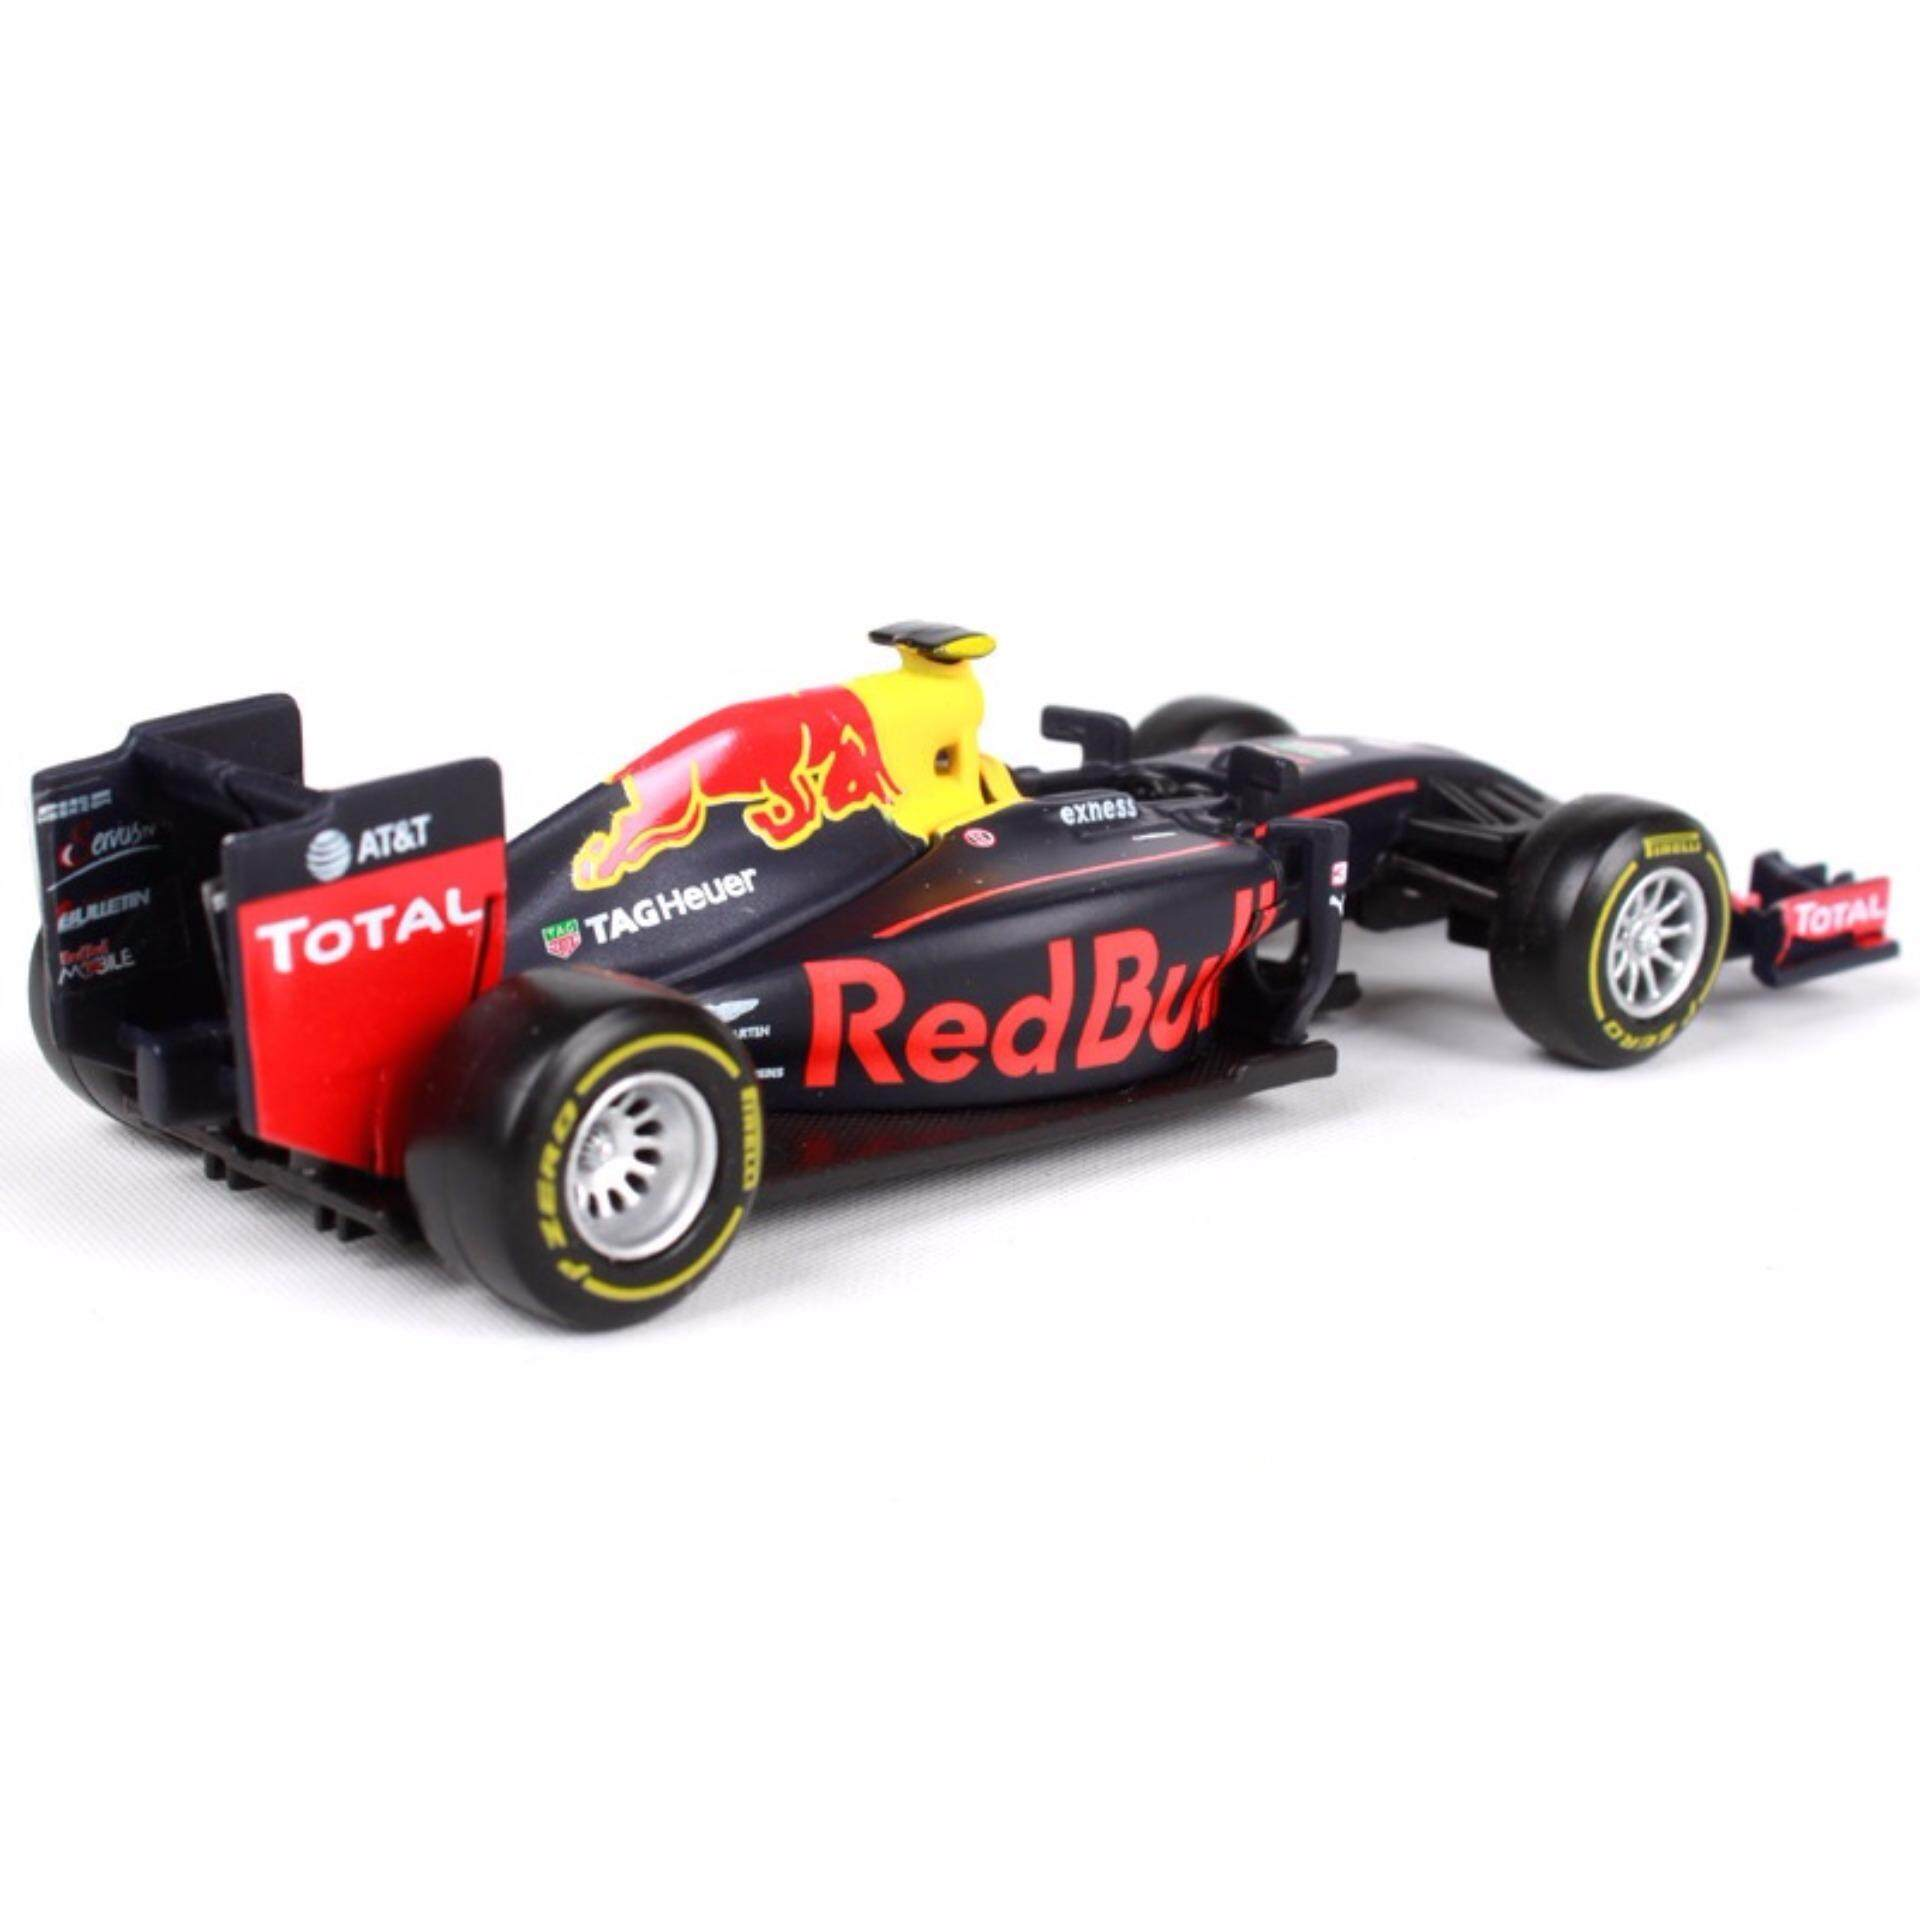 Bburago 1 43 F1 2016 Red Bull Balap RB12 3 Daniel Ricciardo Die-Cast ... 880fc1b0d5